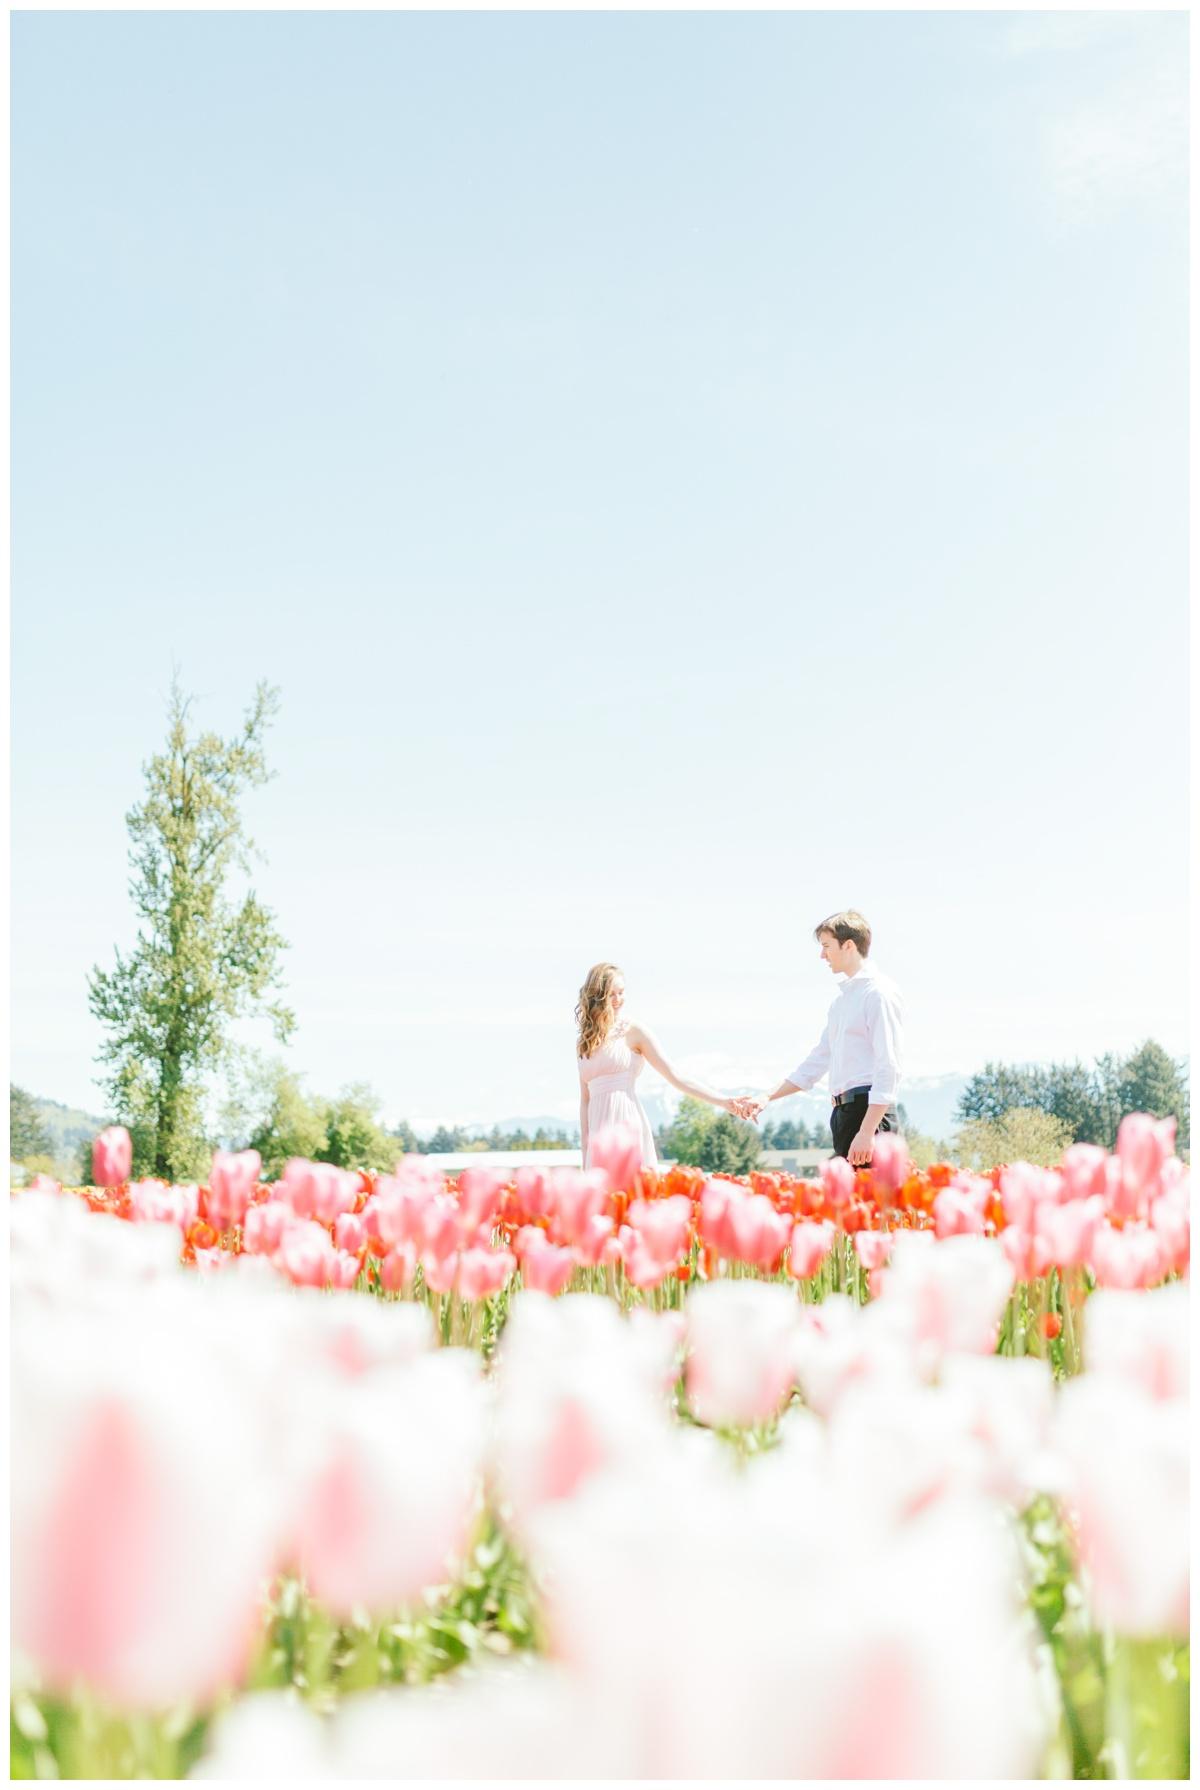 Mattie C. Hong Kong Vancouver Fine Art Wedding Prewedding Photographer 24.jpg